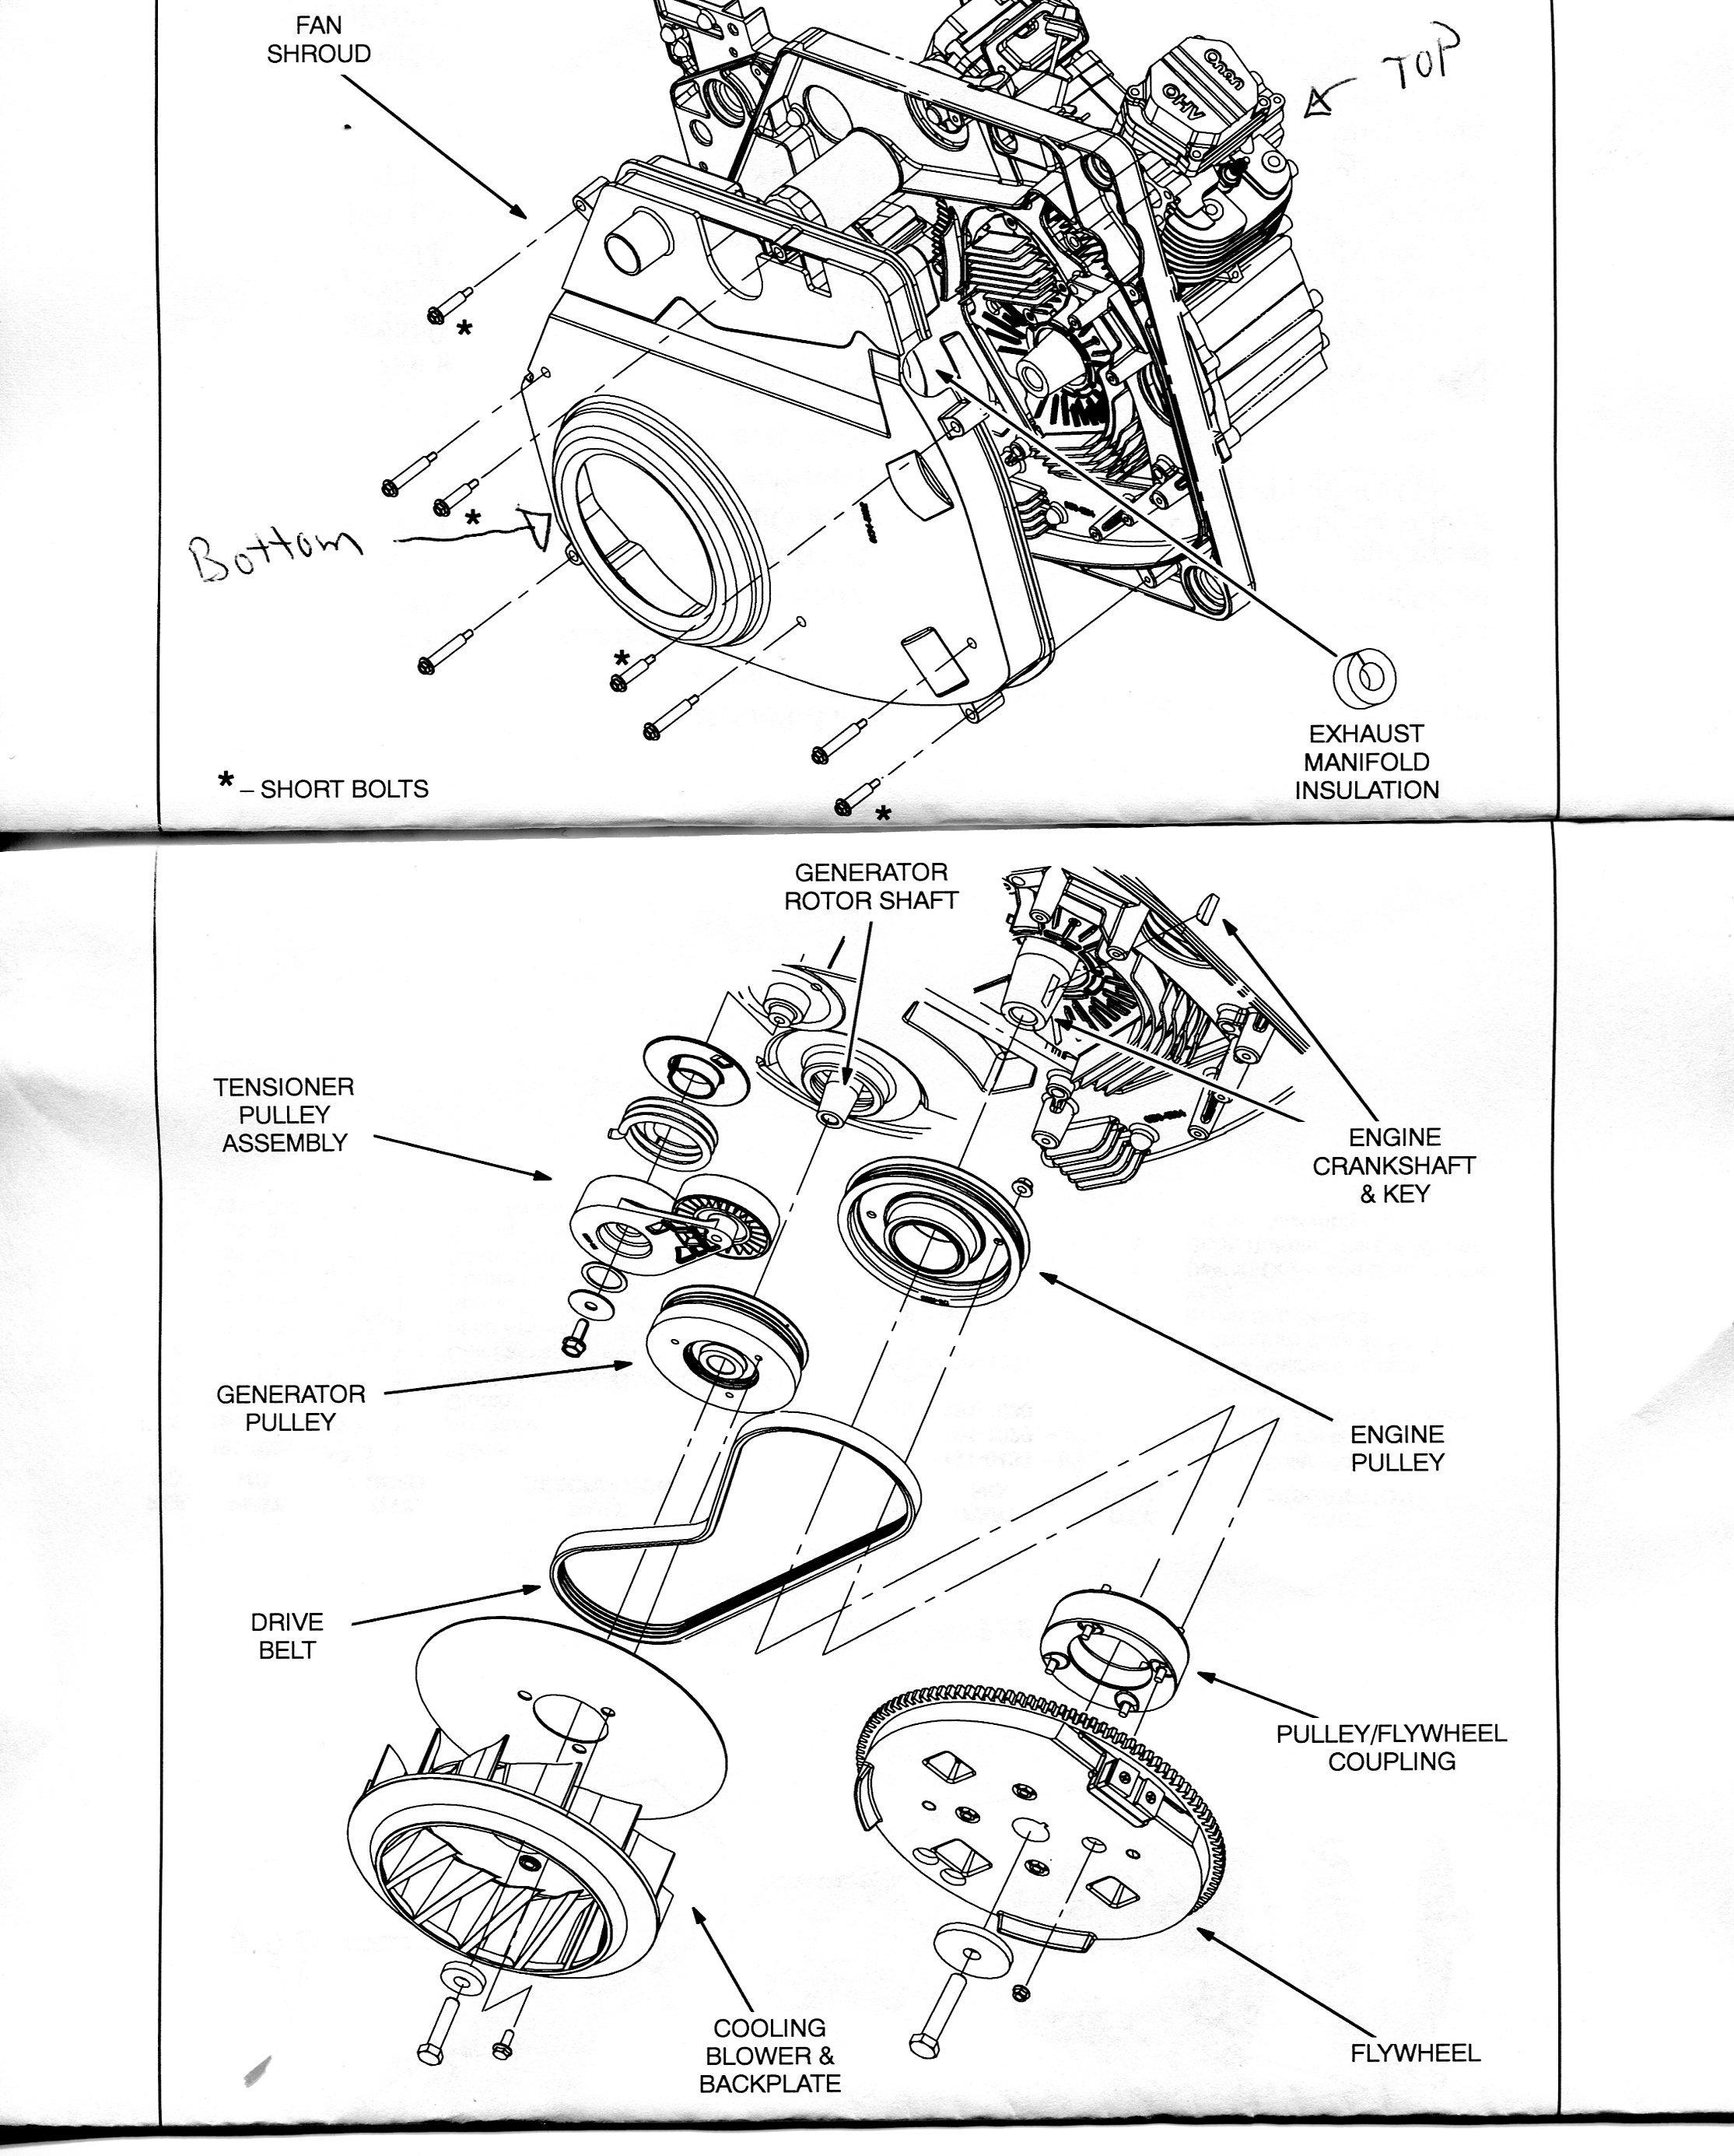 5000 generator wiring diagram get free image about wiring diagram